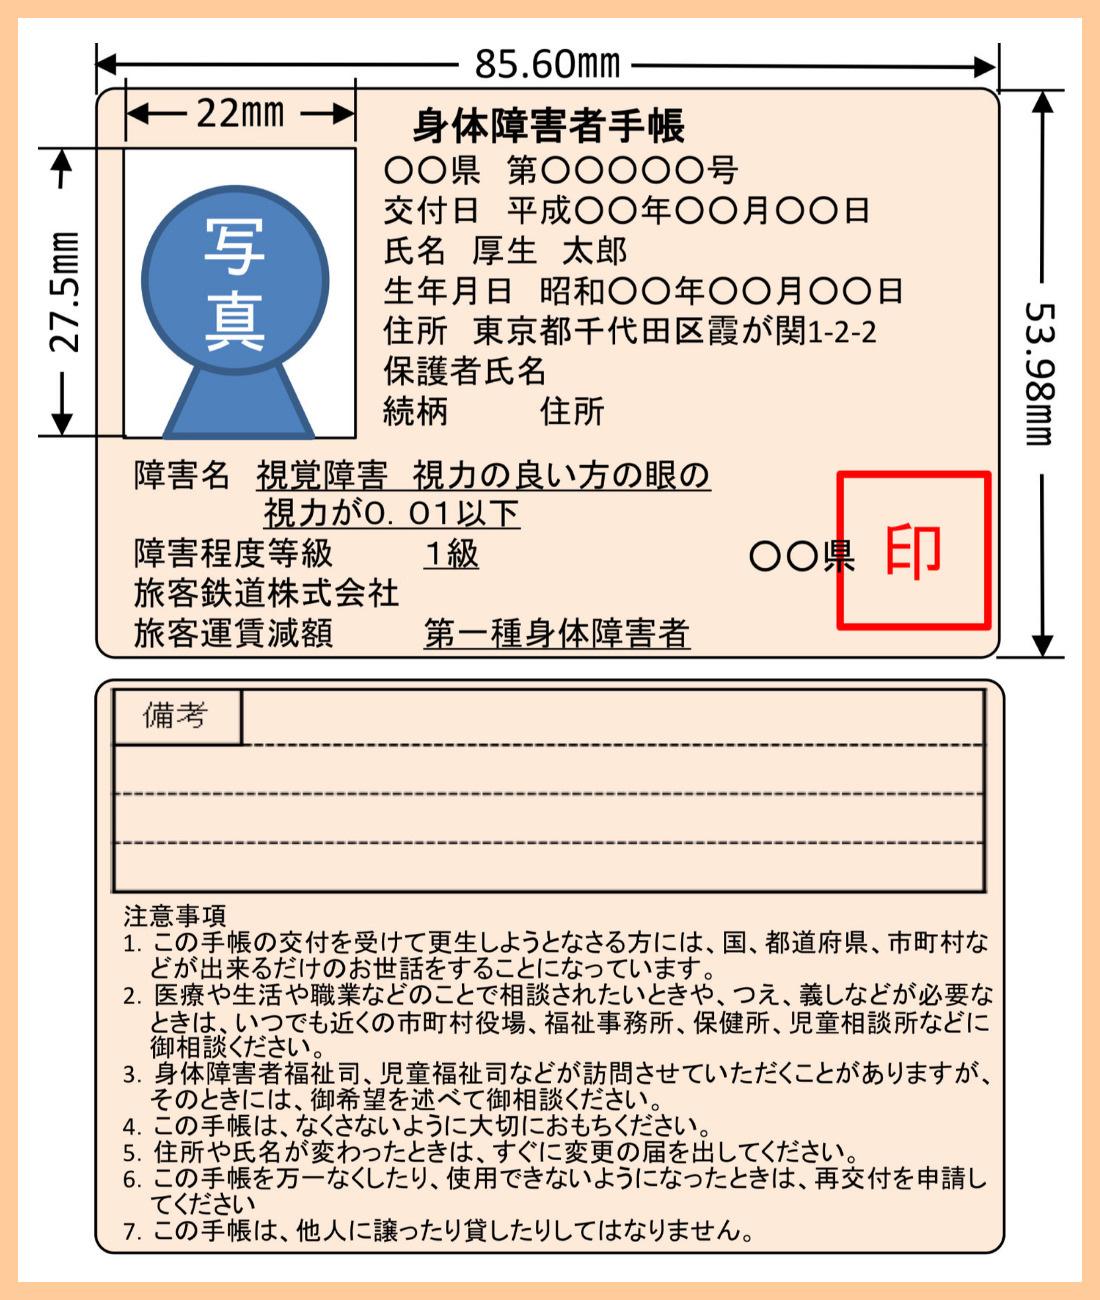 障害者手帳のカード化について_d0070316_20322820.jpg